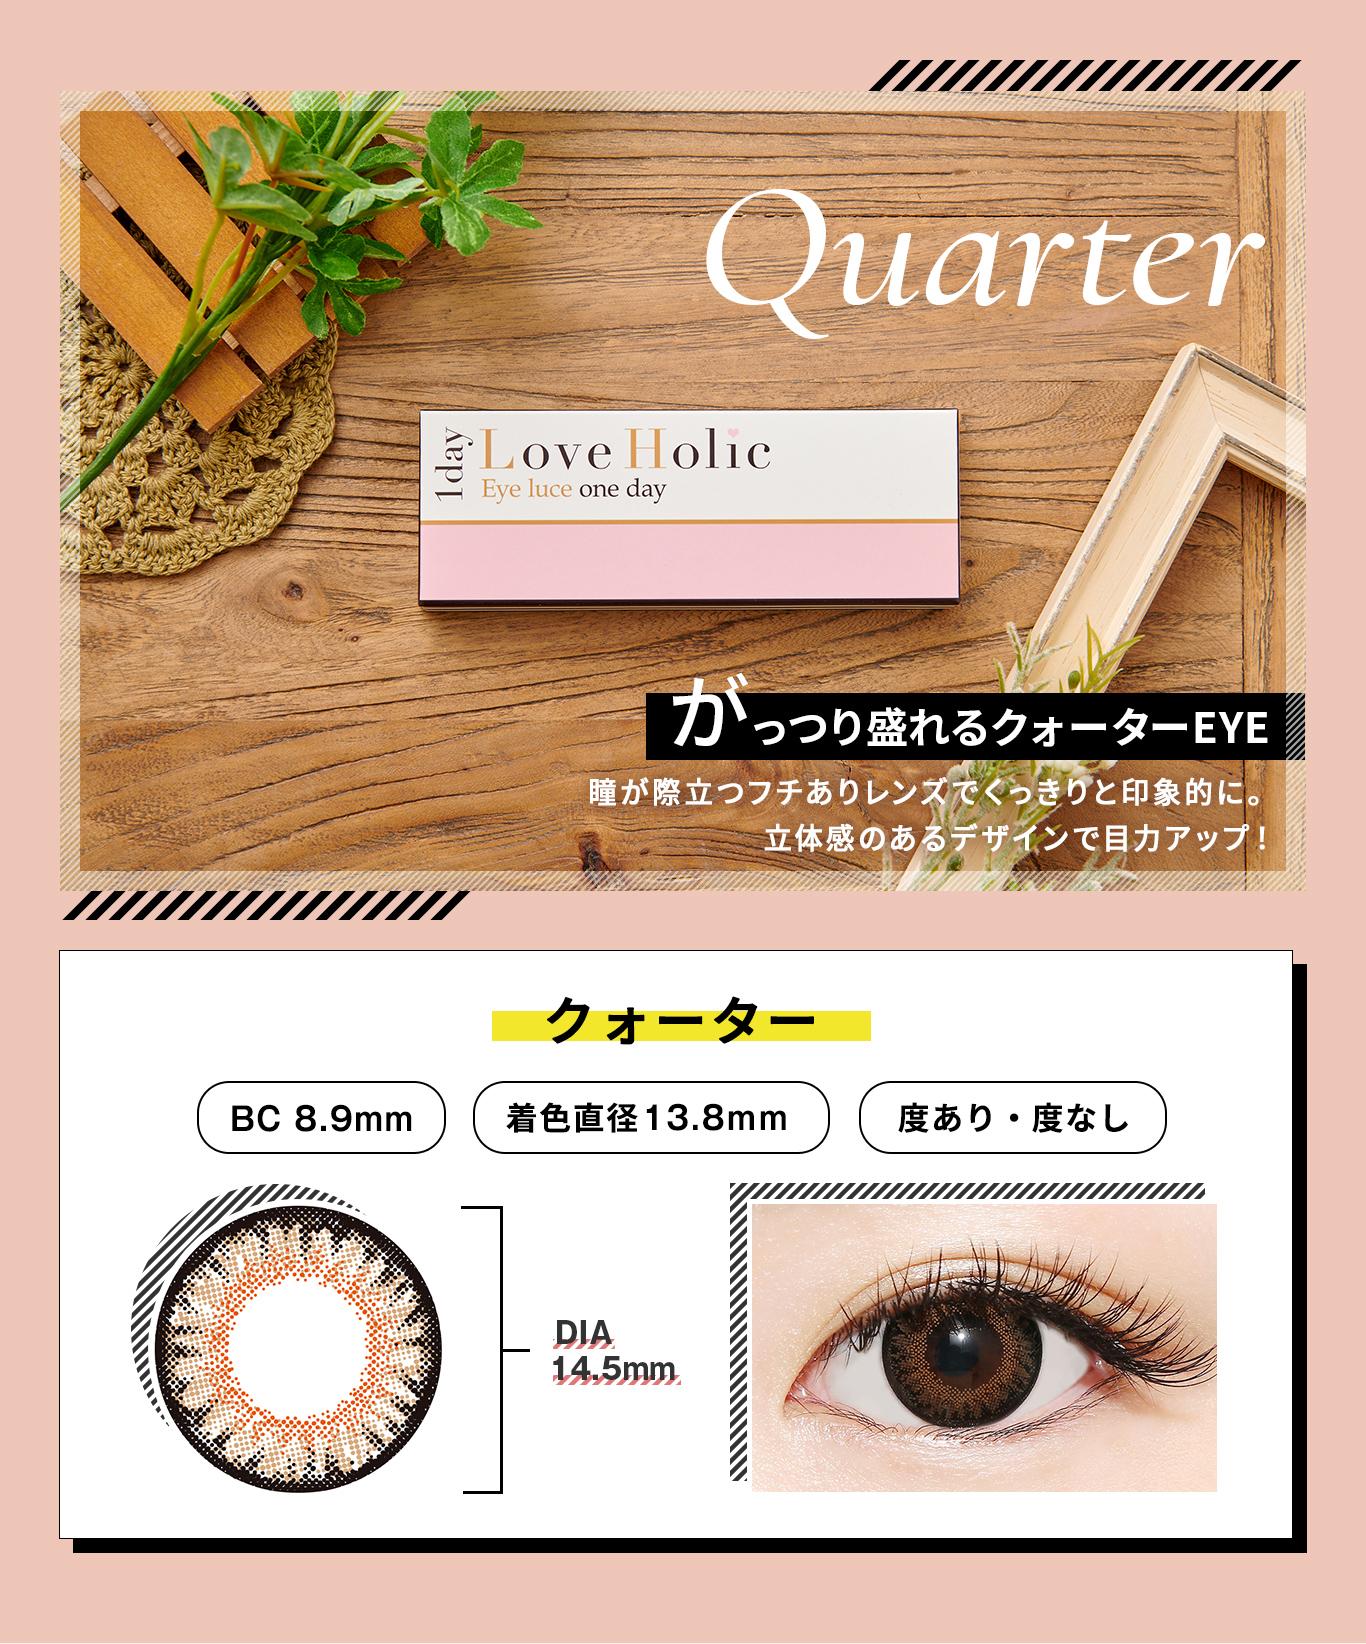 Love Holic 1day -ラブホリックワンデー|QUARTER がっつり盛れるクォーターEYE 瞳が際立つフチありレンズでくっきりと印象的に。立体感のあるデザインで目力アップ!